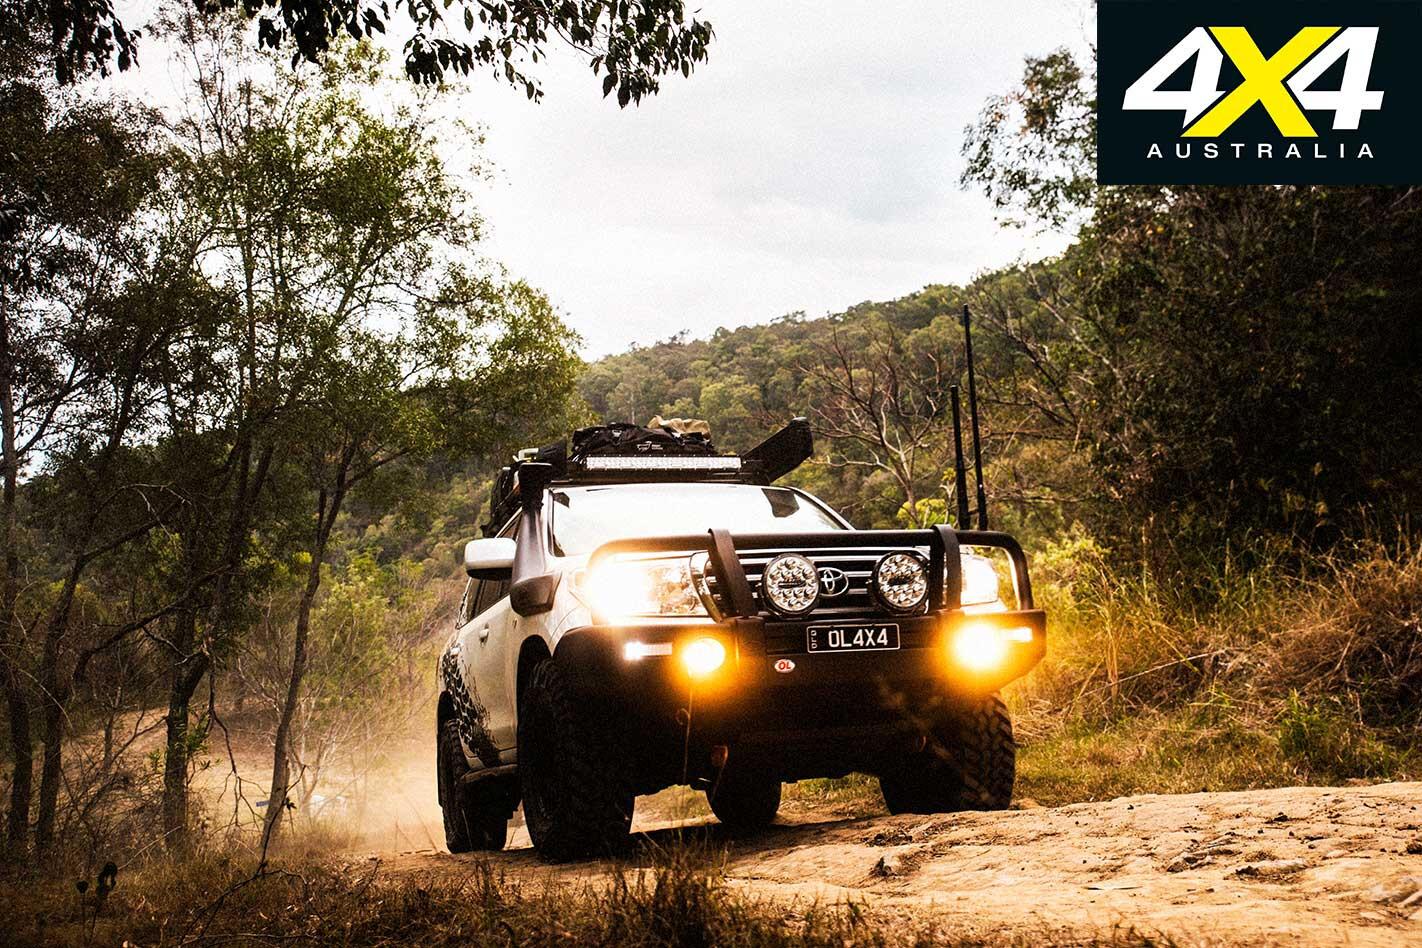 2019 4 X 4 Australia Gear Guide Off Road Jpg